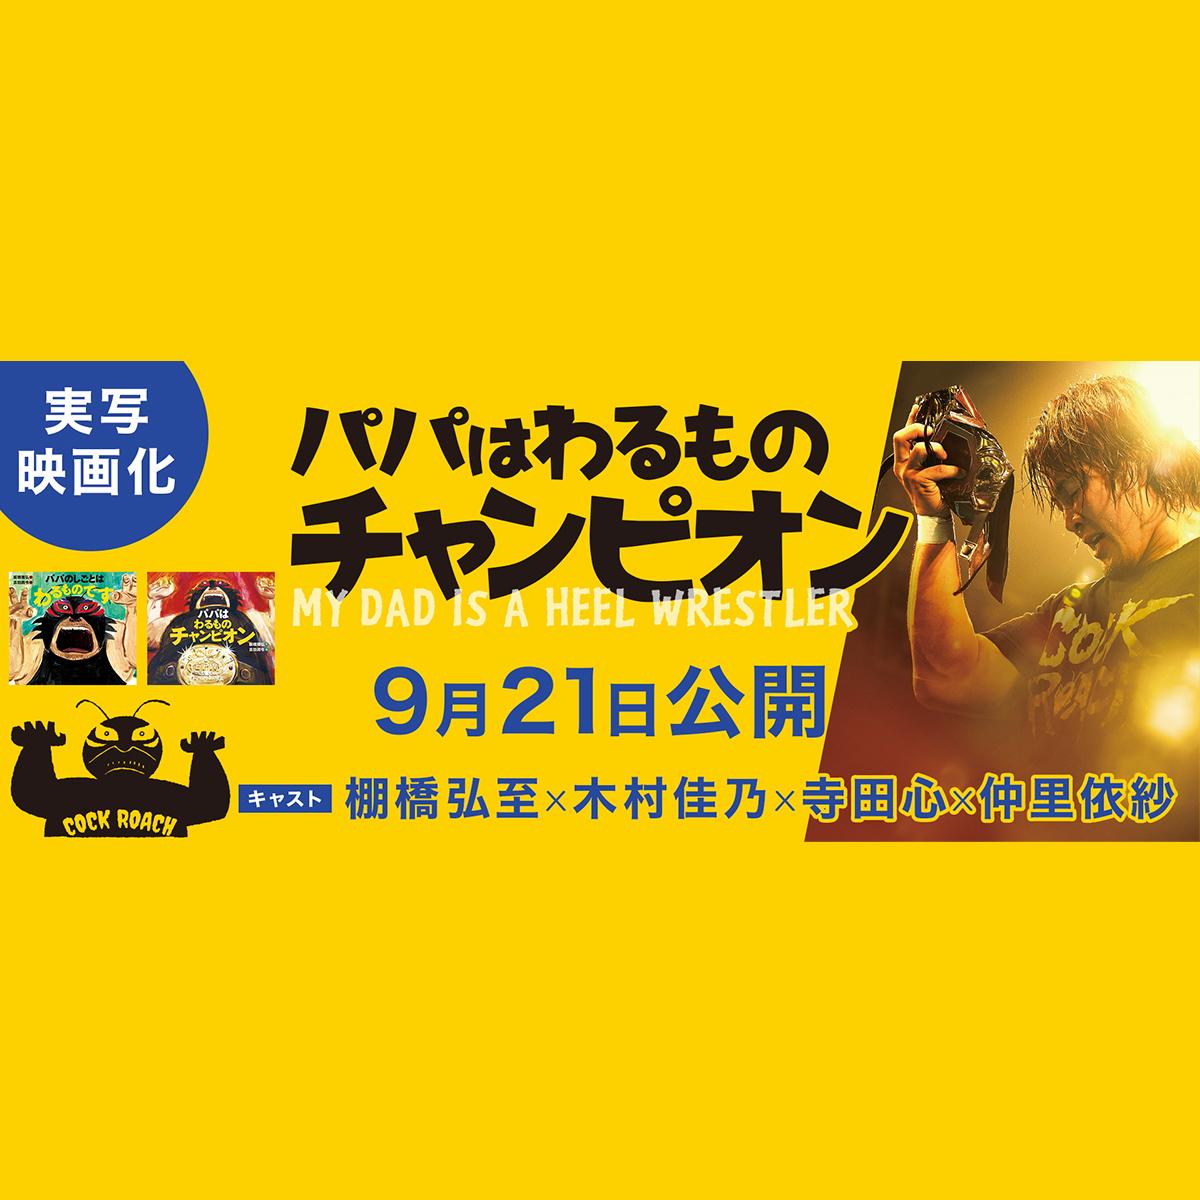 映画『パパはわるものチャンピオン』 特設サイト|岩崎書店